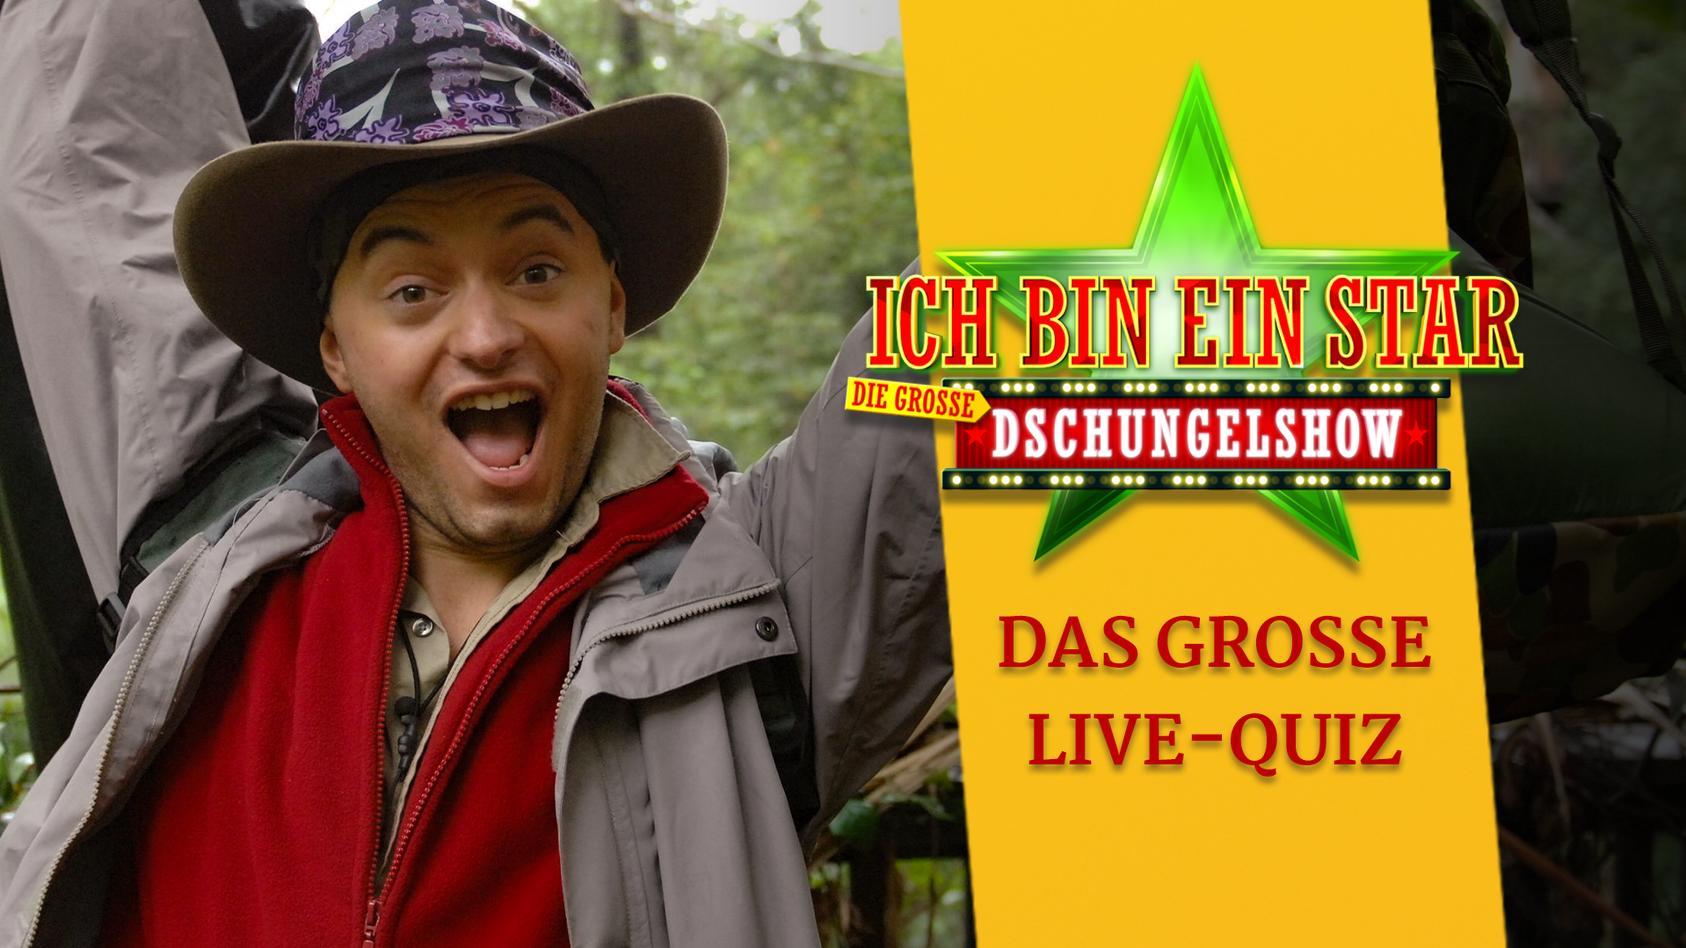 Live-Quiz zur Dschungelshow  mit Julian F.M. Stoeckel bei RTL.de